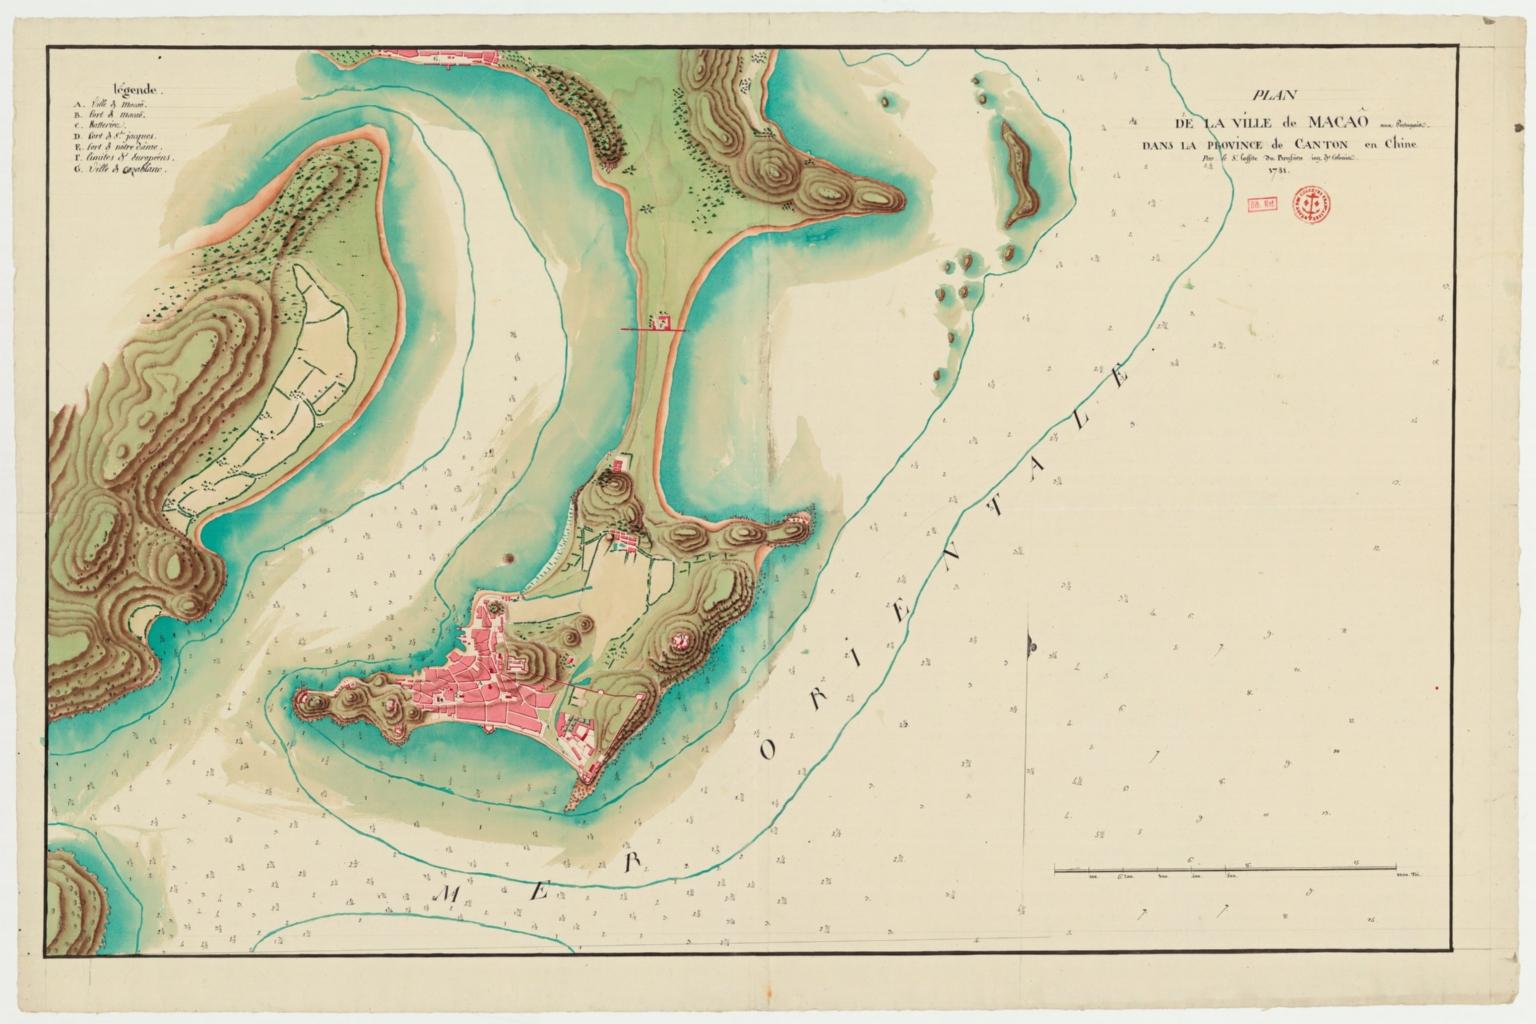 Plan de la ville de Macaô aux Portugais dans la province de Canton en Chine